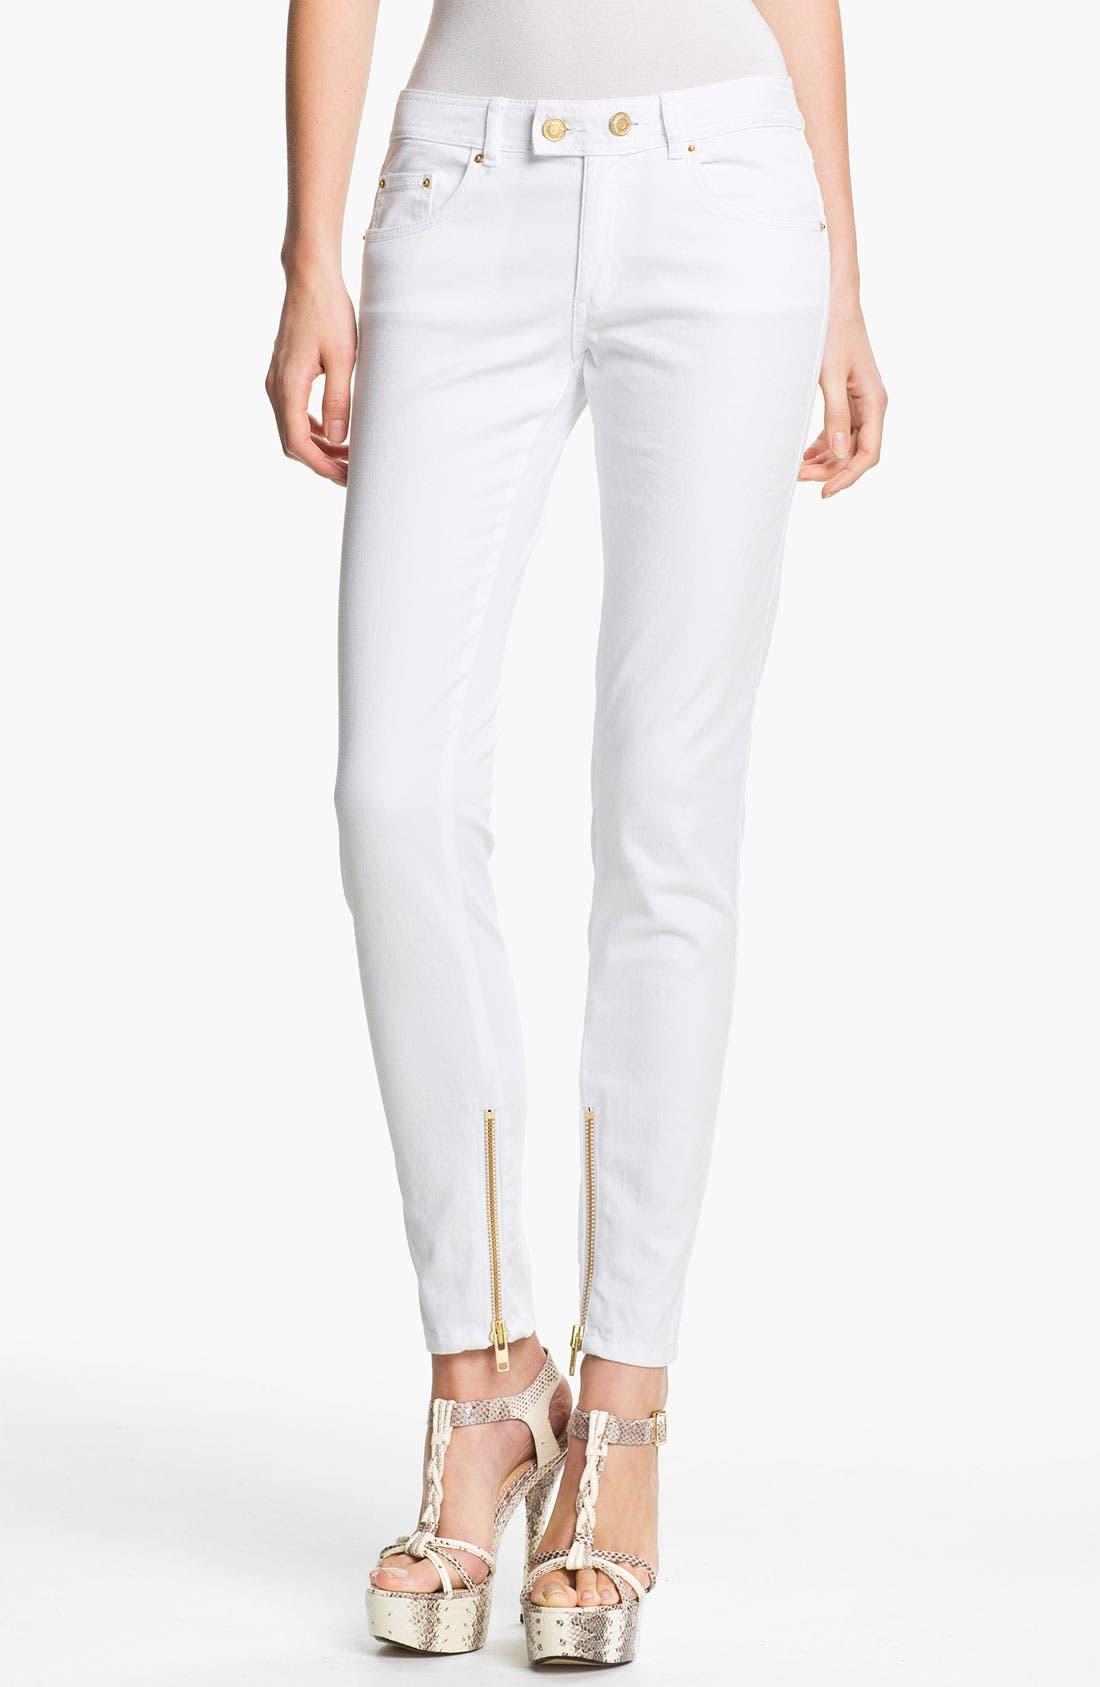 Alternate Image 1 Selected - Rachel Zoe 'Julie' Zip Detail Skinny Stretch Jeans